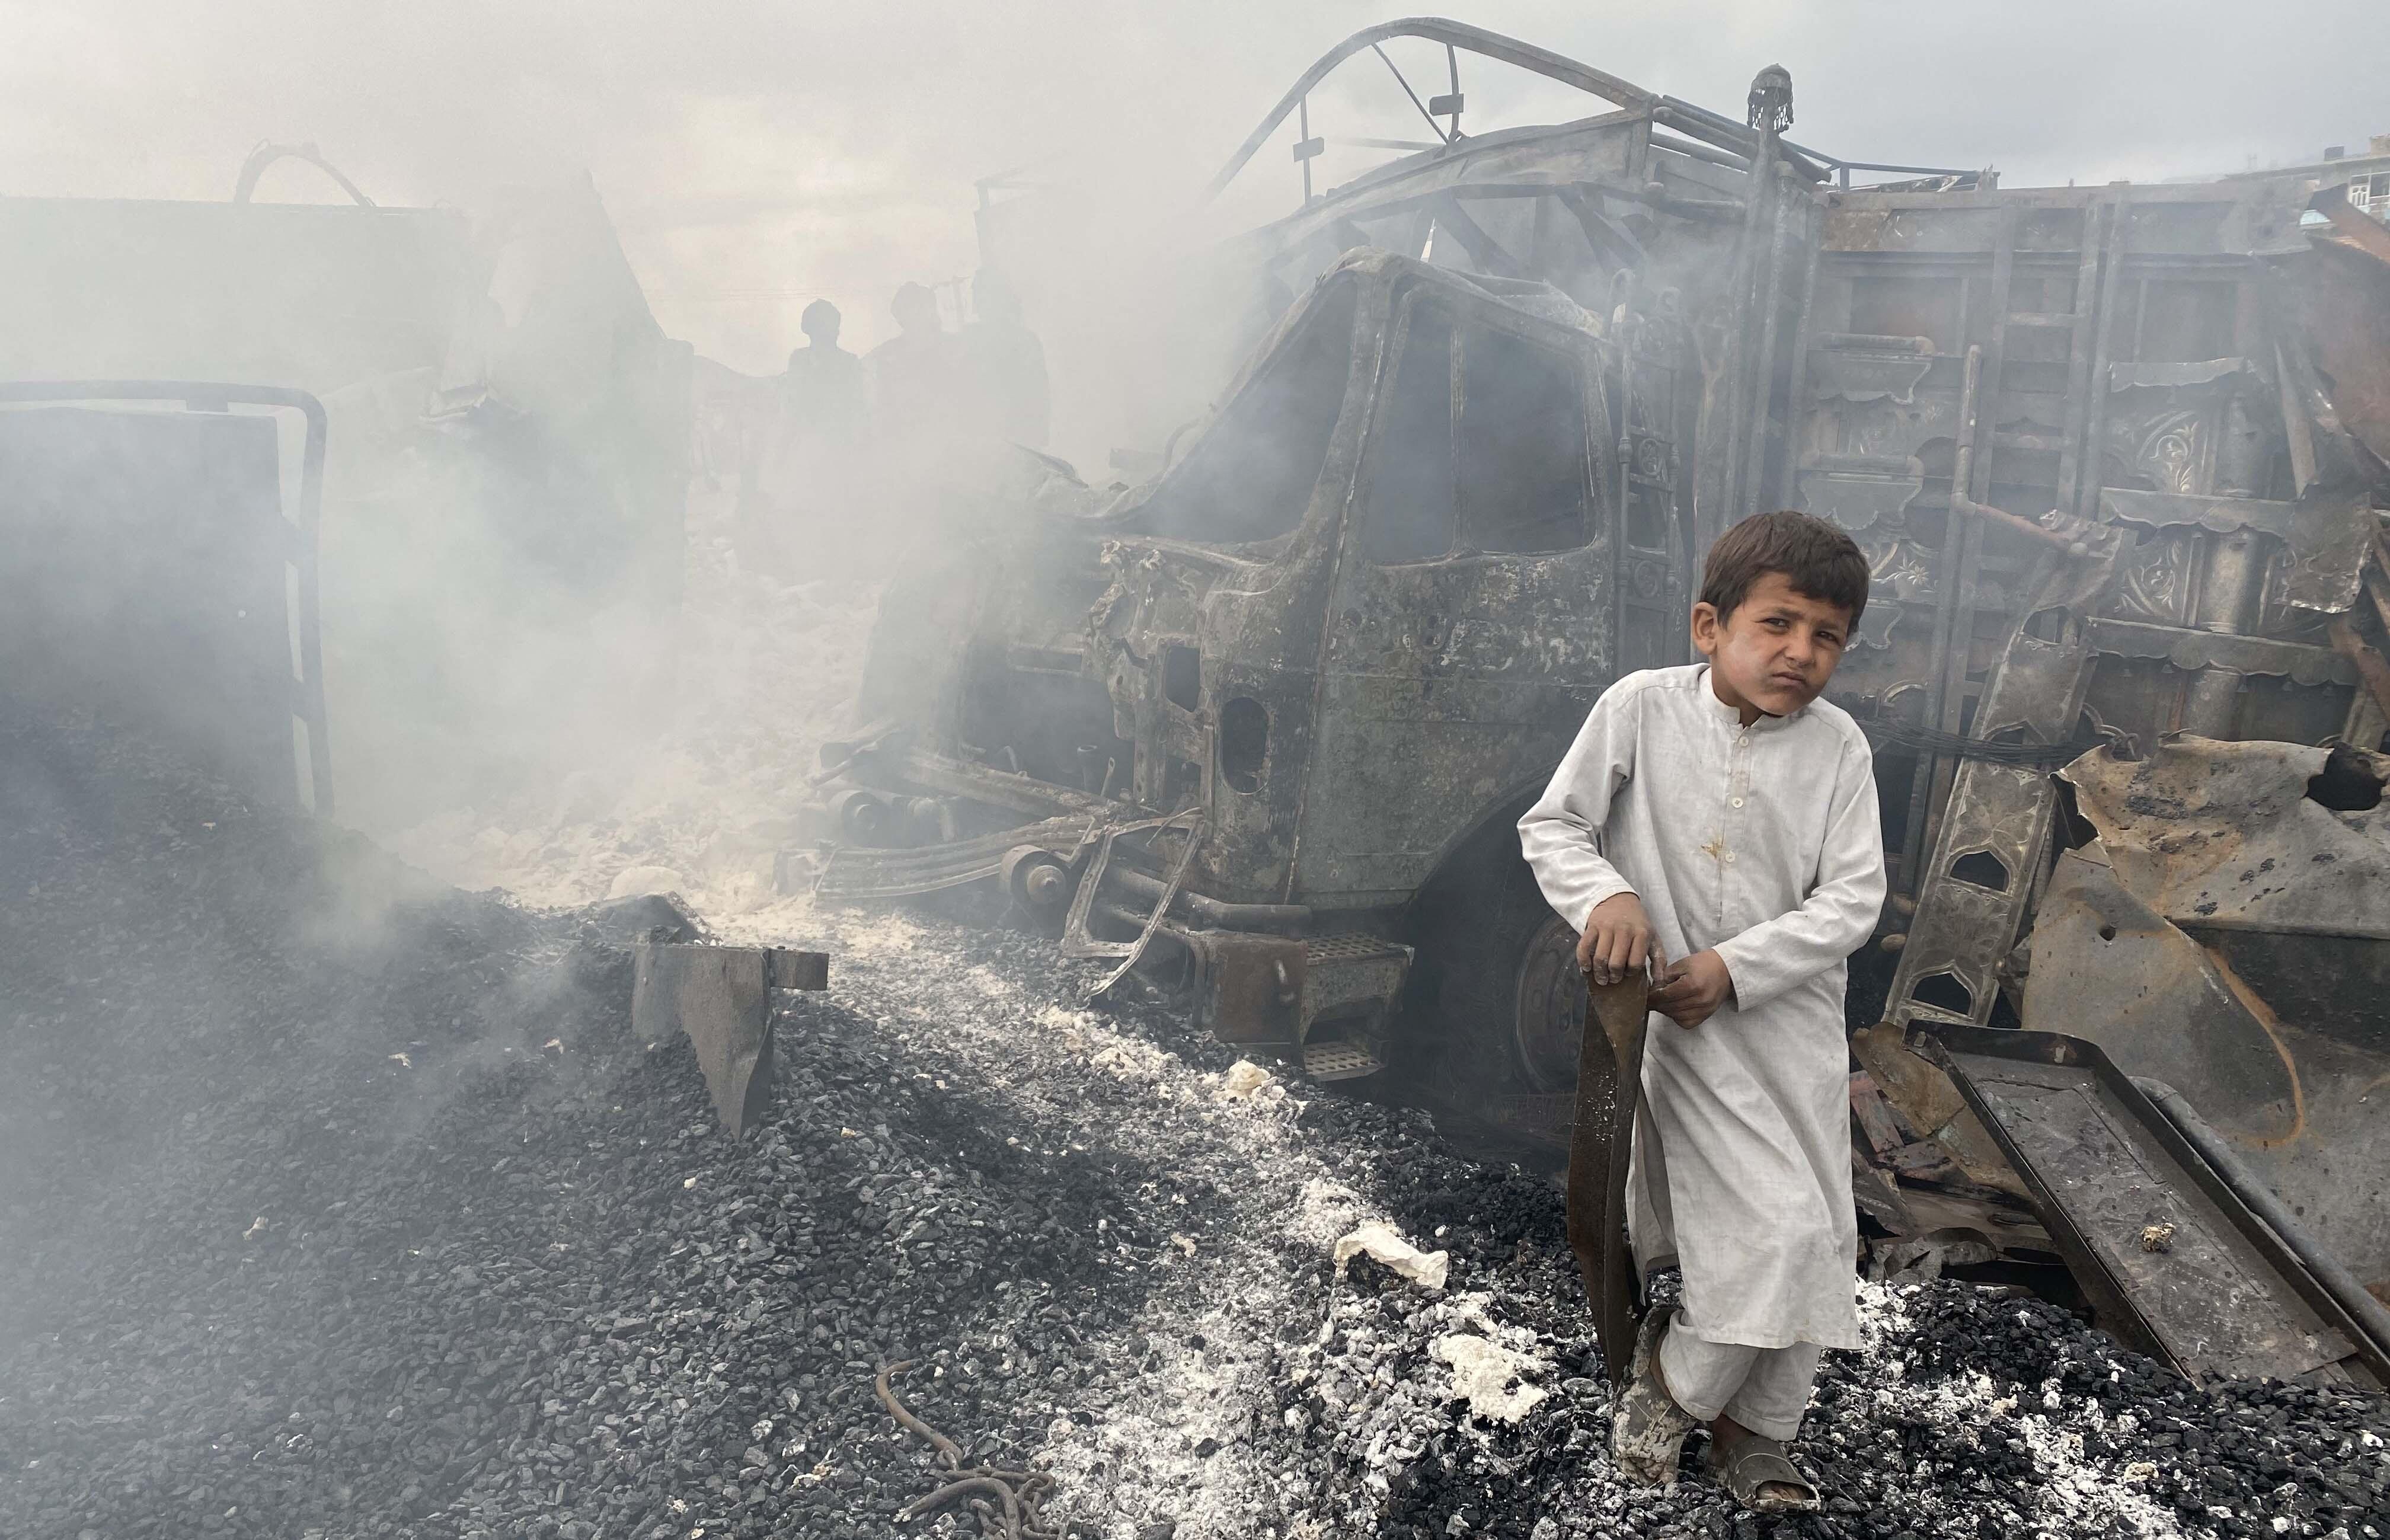 Nyolcvan gimnazistalány lemészárlása megmutatta, mi lehet Afganisztán jövője